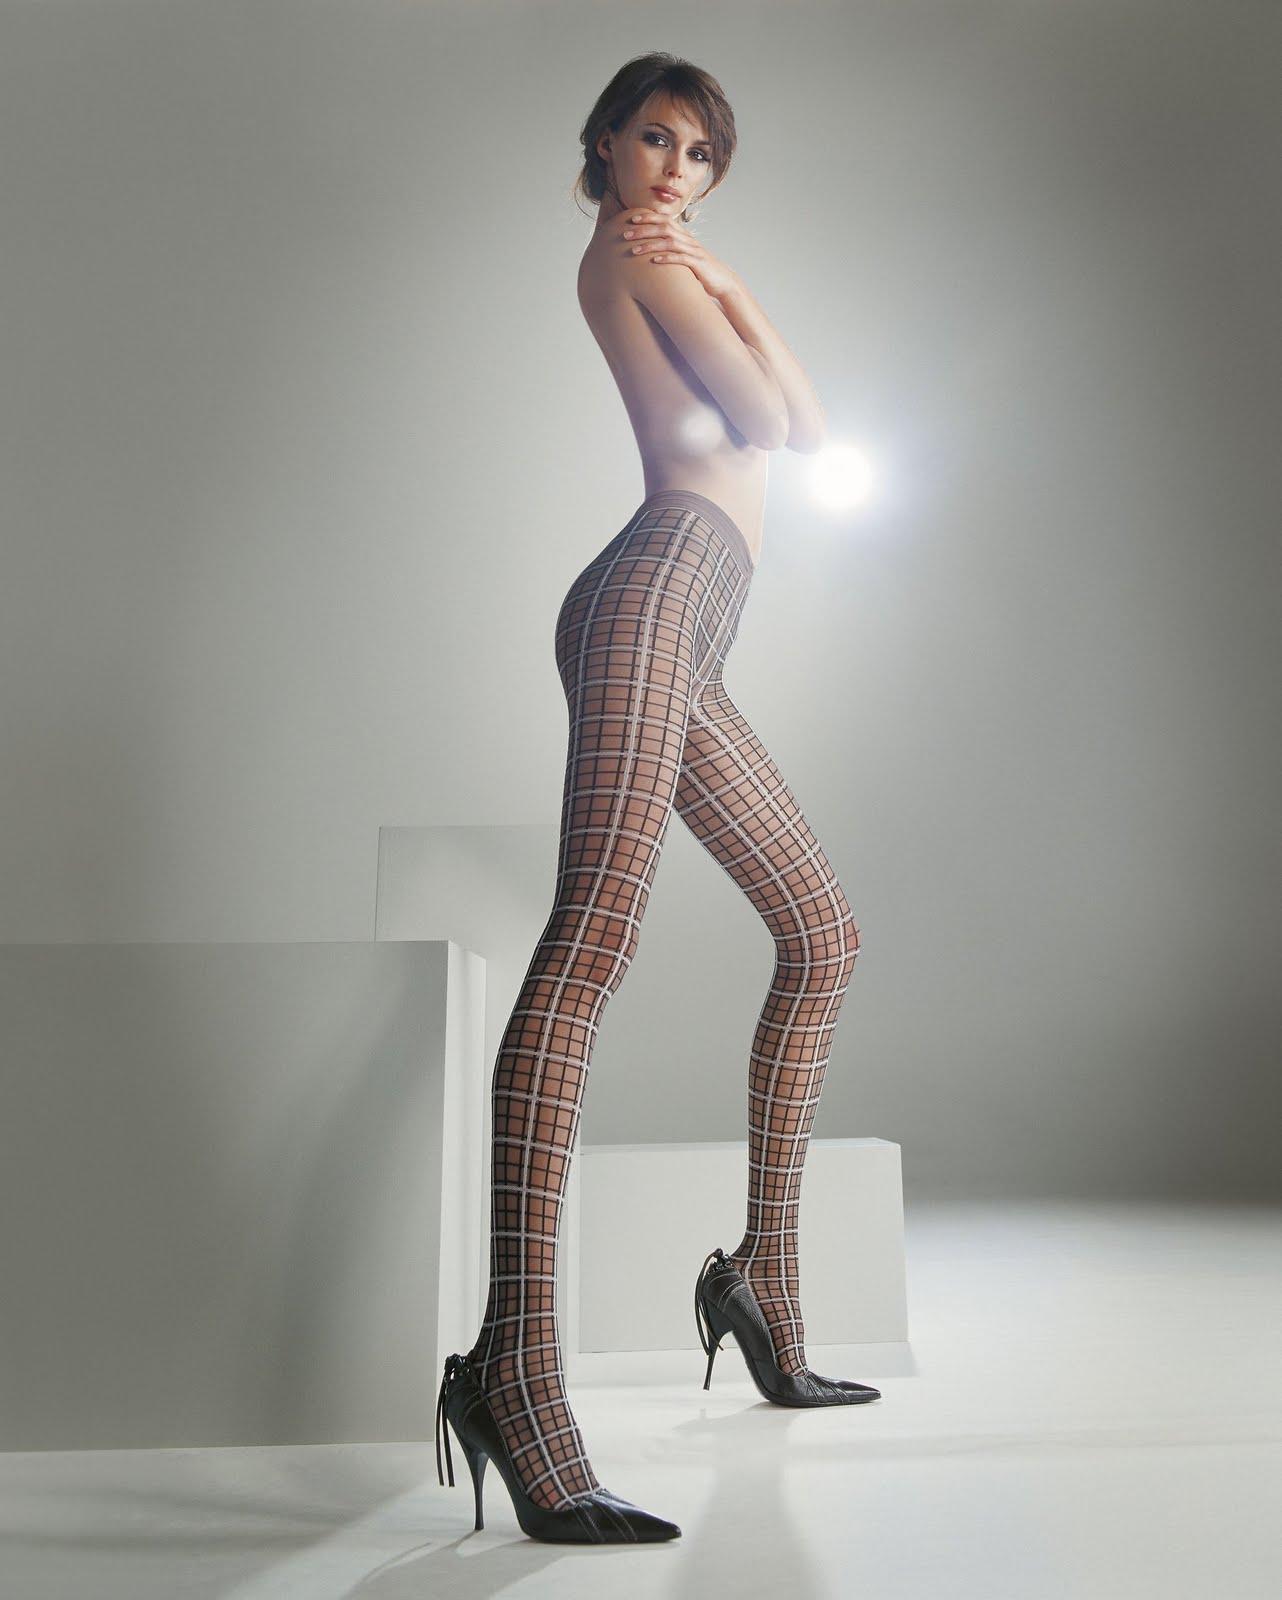 pantyhose-and-stockings-36